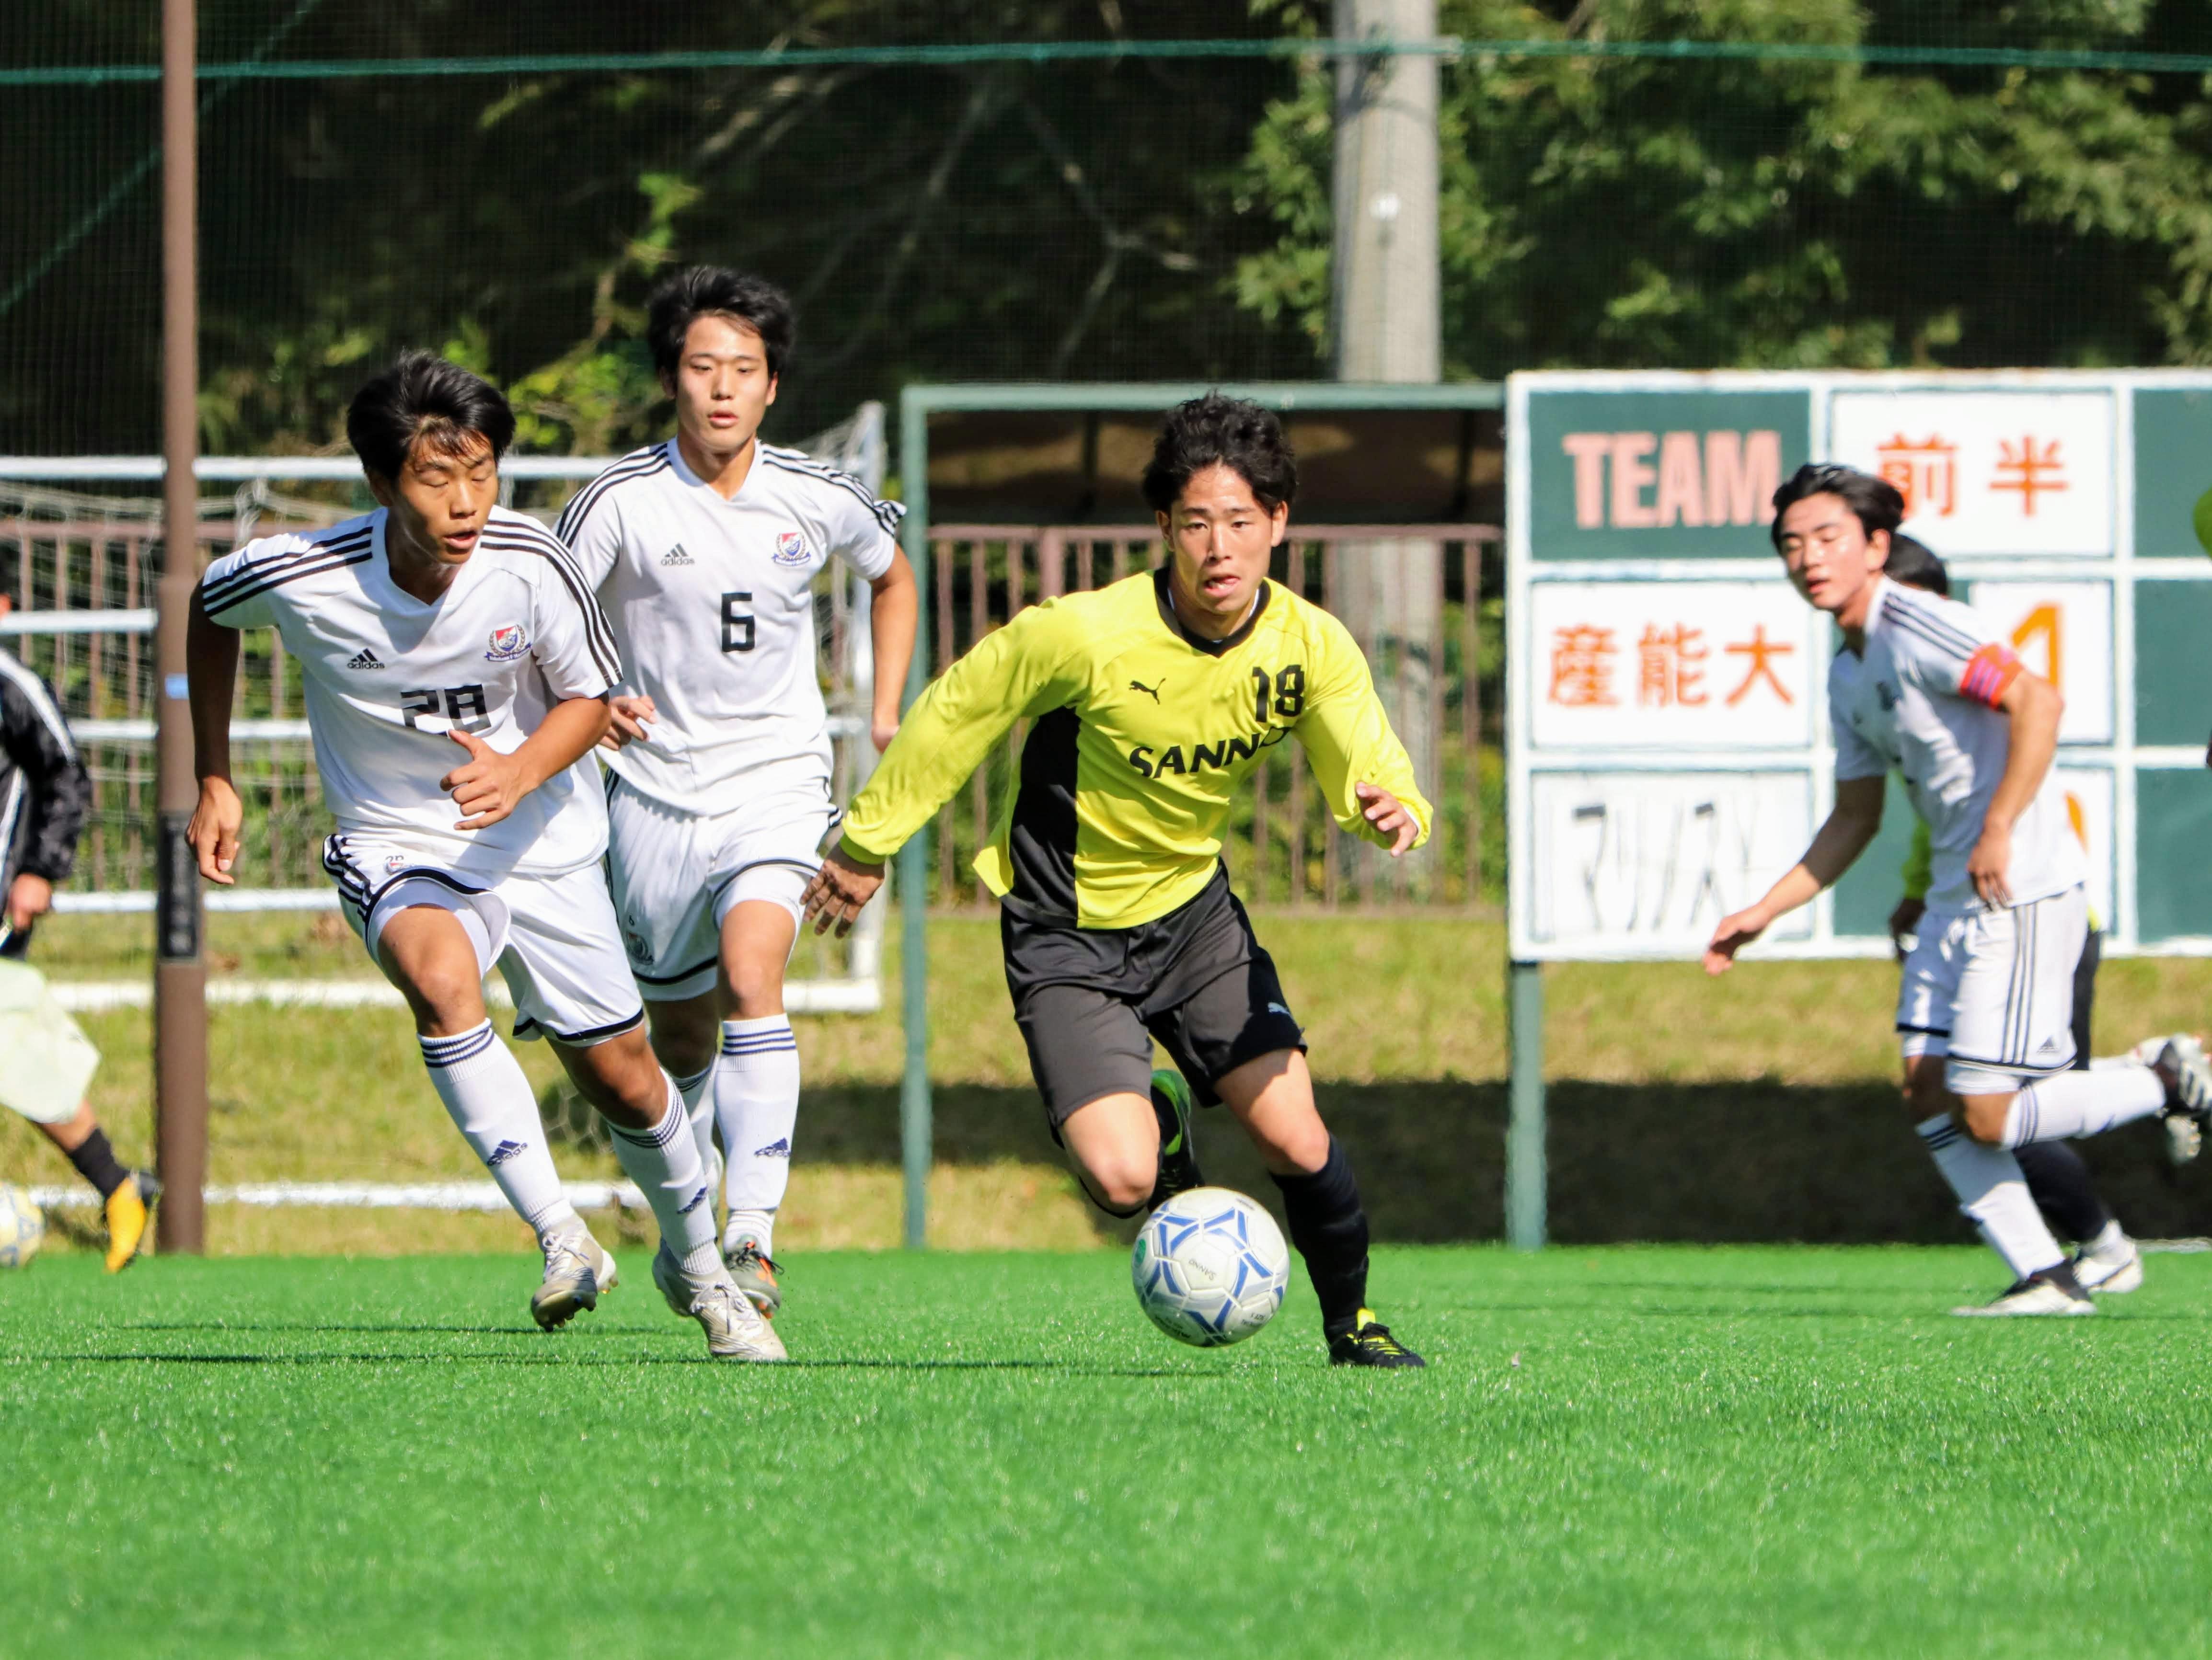 能率 大学 サッカー 産業